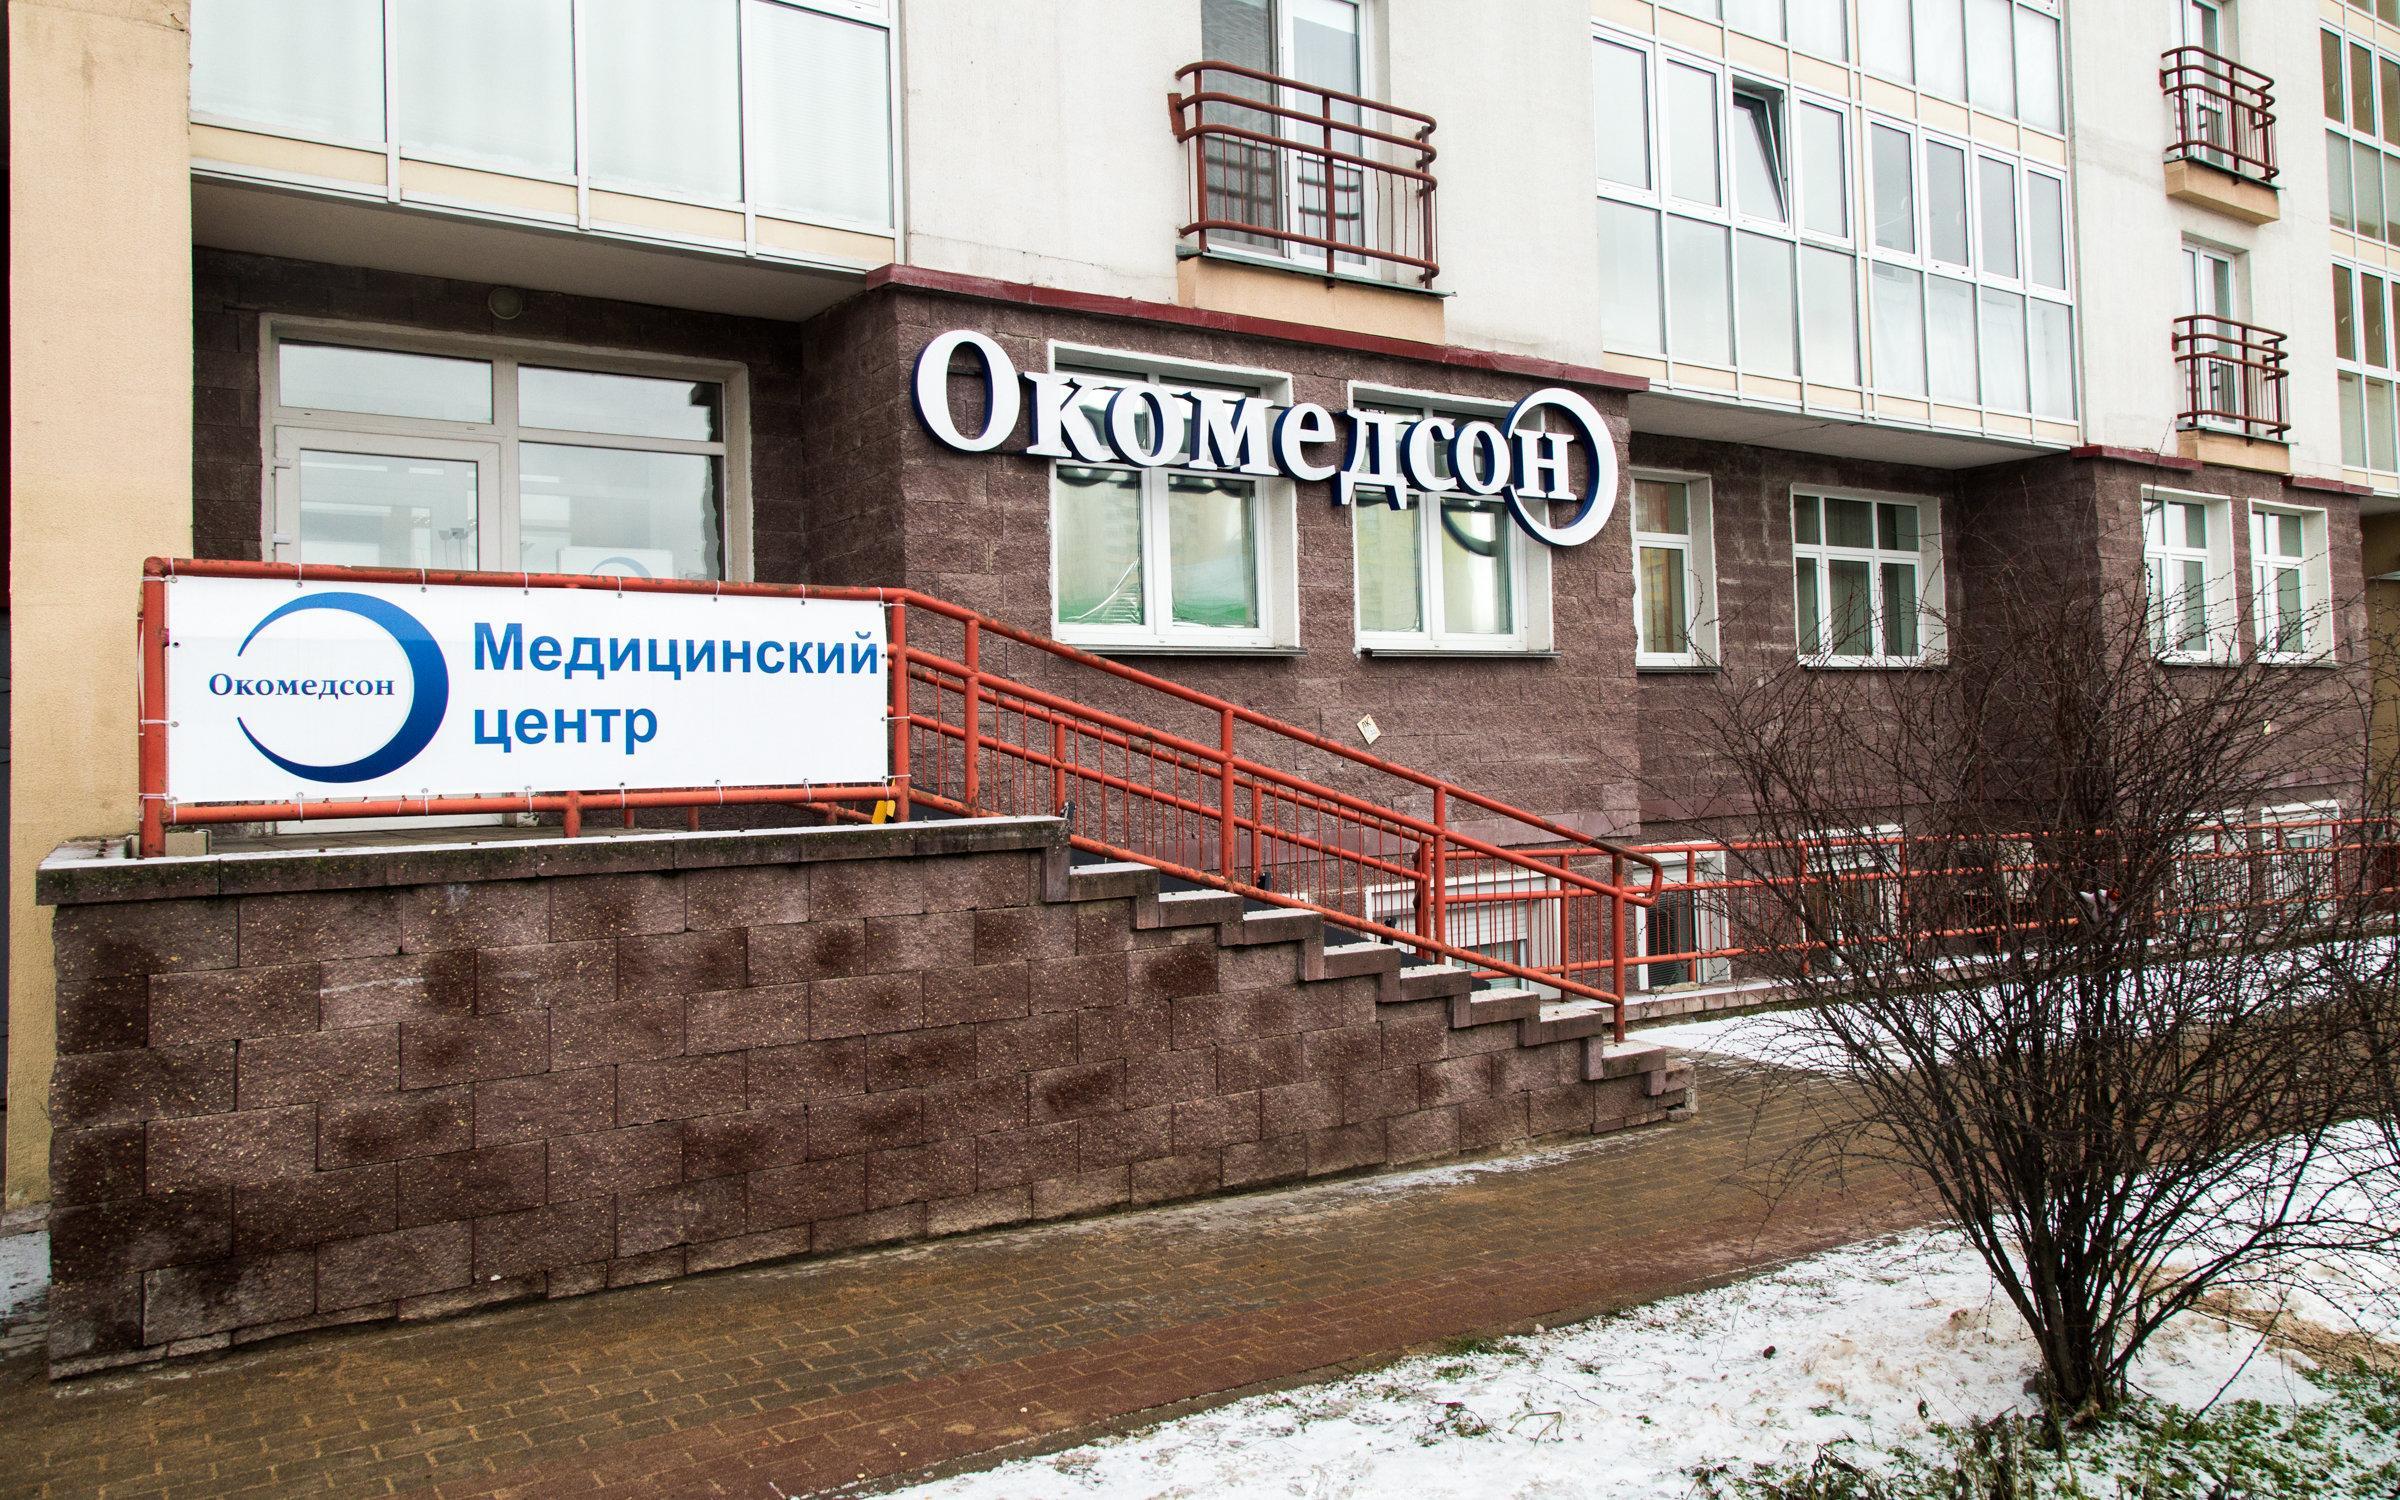 фотография Медицинского центра Окомедсон во Фрунзенском районе